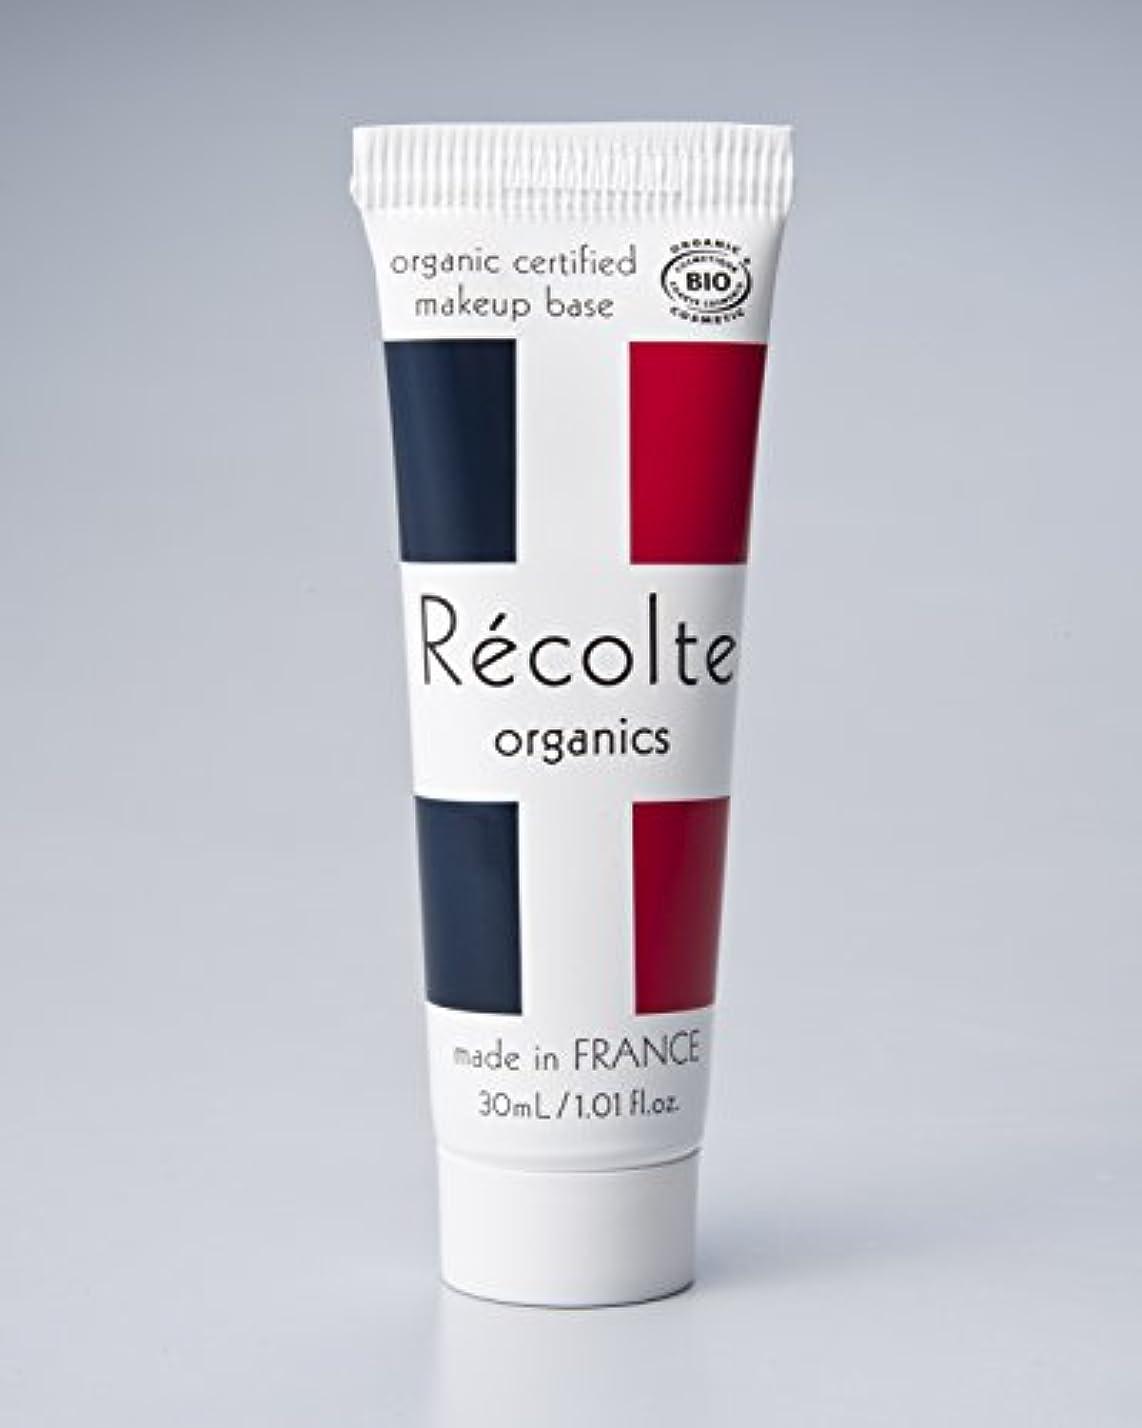 エトナ山代数的疲労Recolte organics natural makeup base レコルトオーガニック ナチュラルメイクアップベース 化粧下地 SPF15 30ml